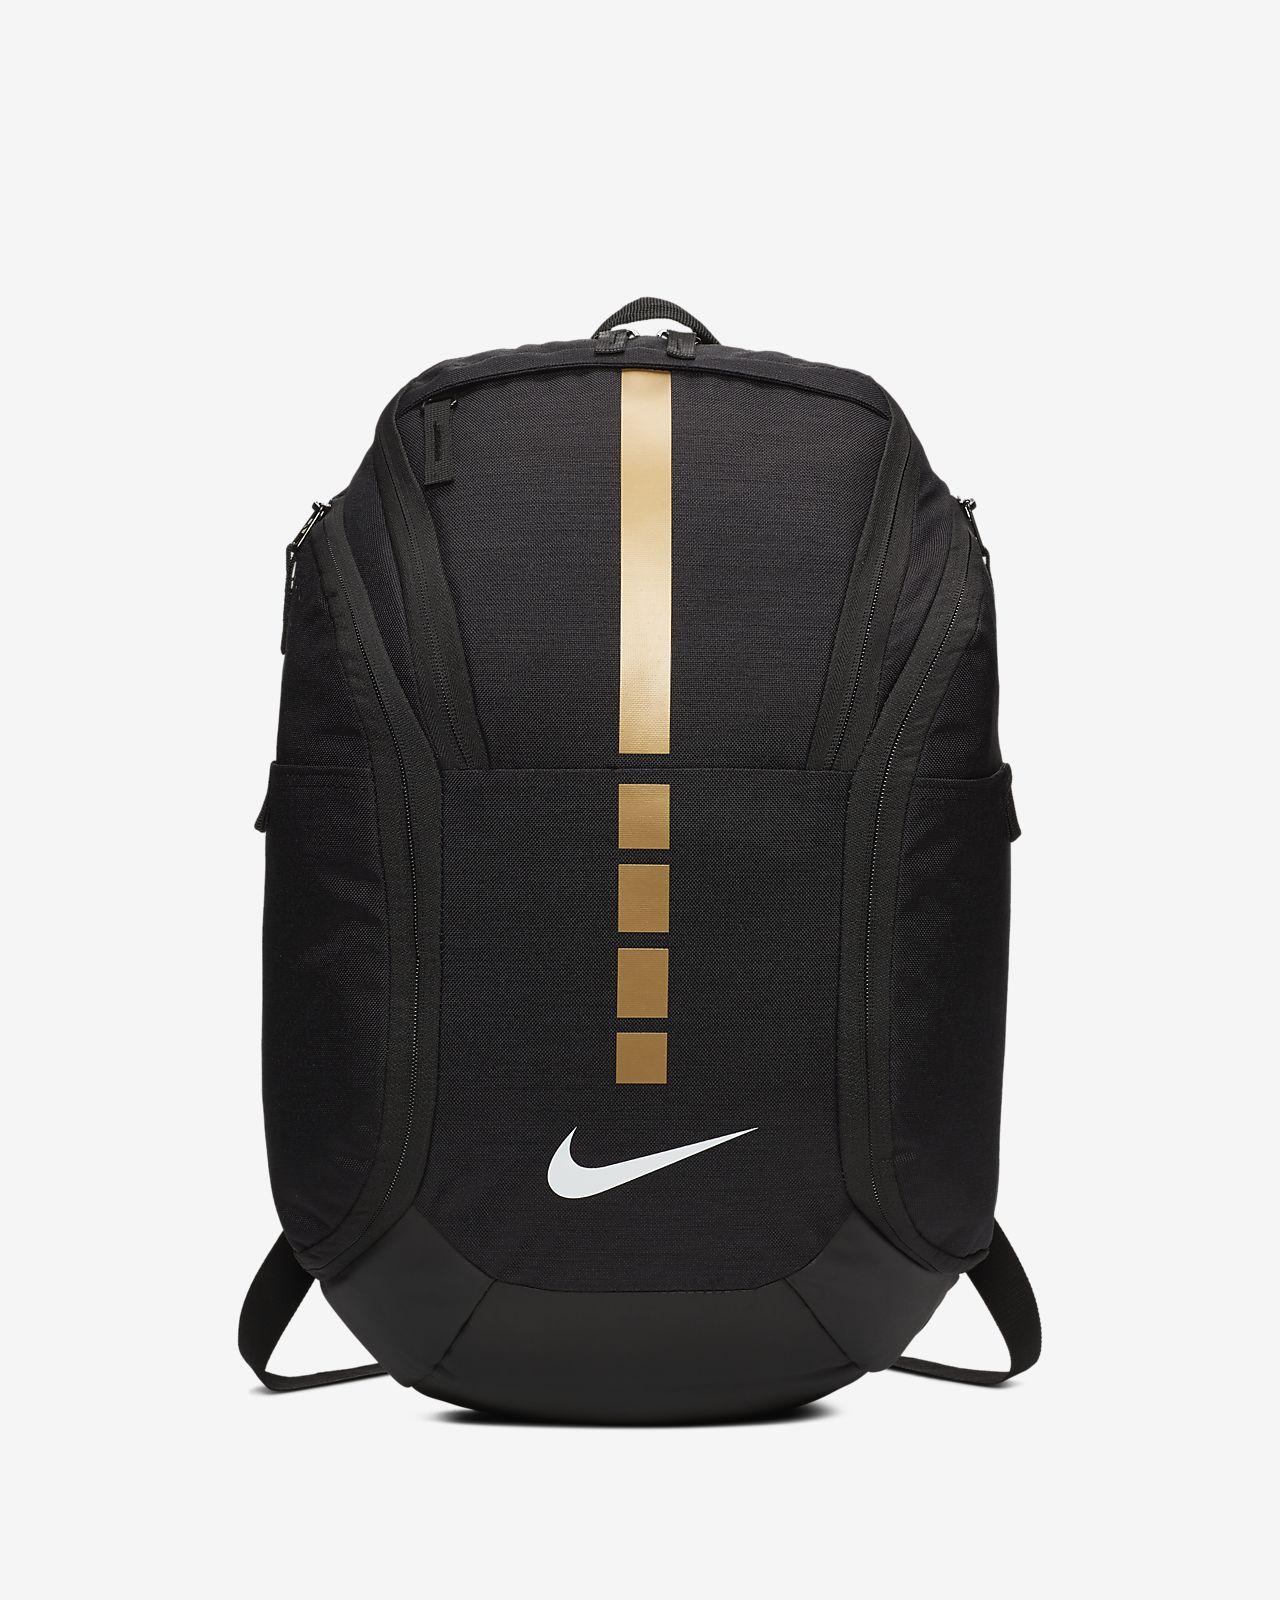 Баскетбольный рюкзак Nike Hoops Elite Pro (маленький размер)